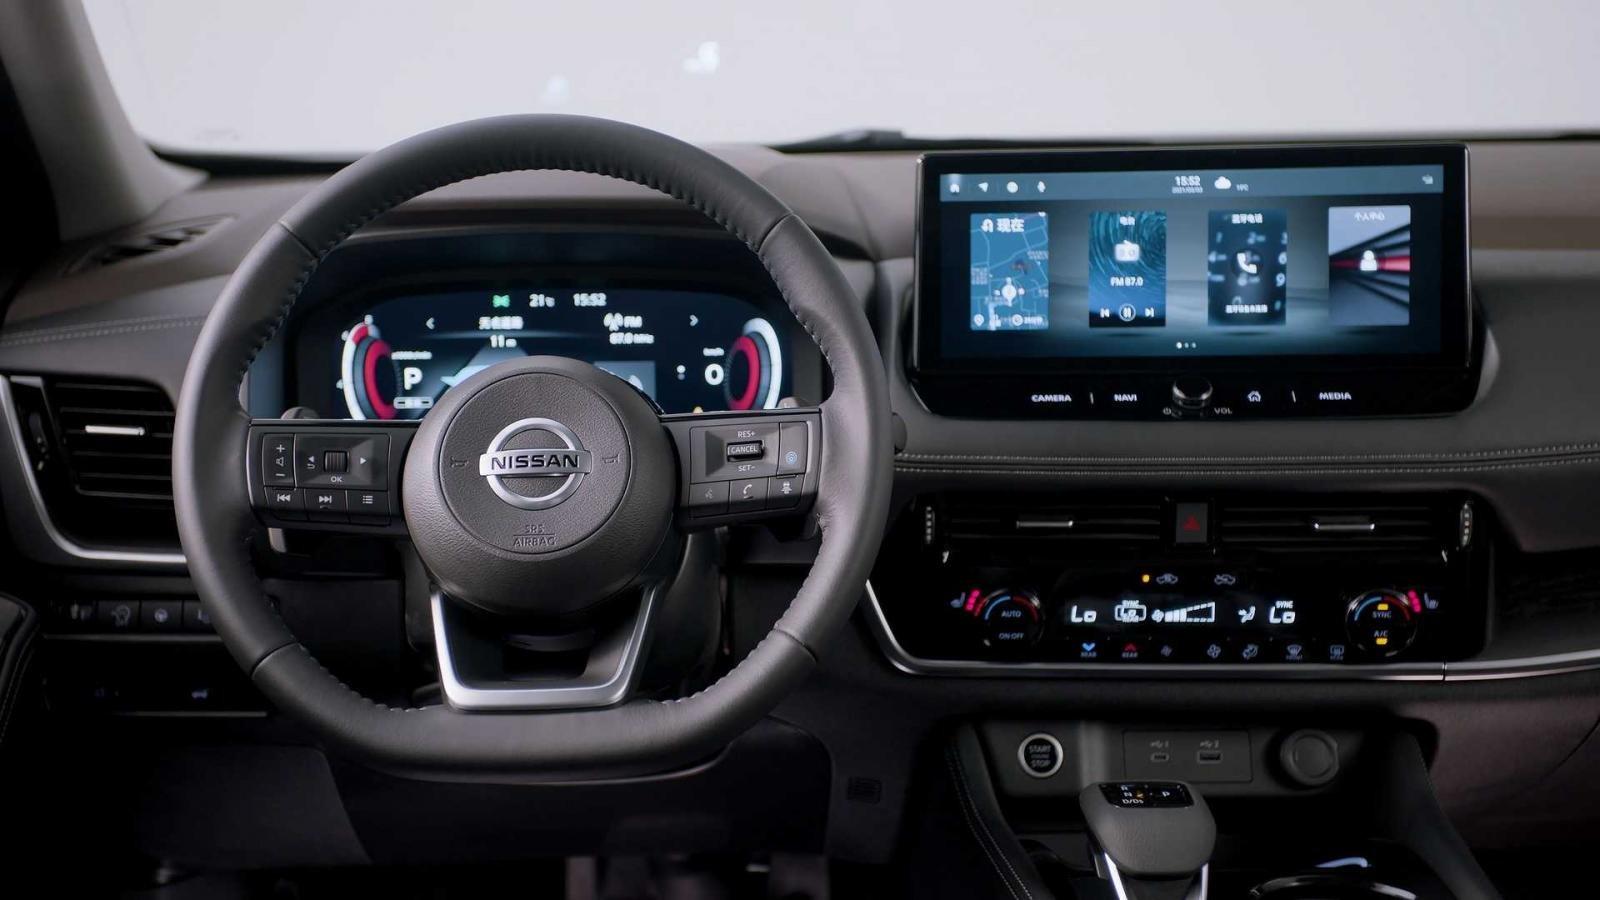 [Auto Shanghai 2021] Nissan X-Trail 2022 còn giữ nhiều bí ẩn bất ngờ sẽ được bật mí trong tương lai.